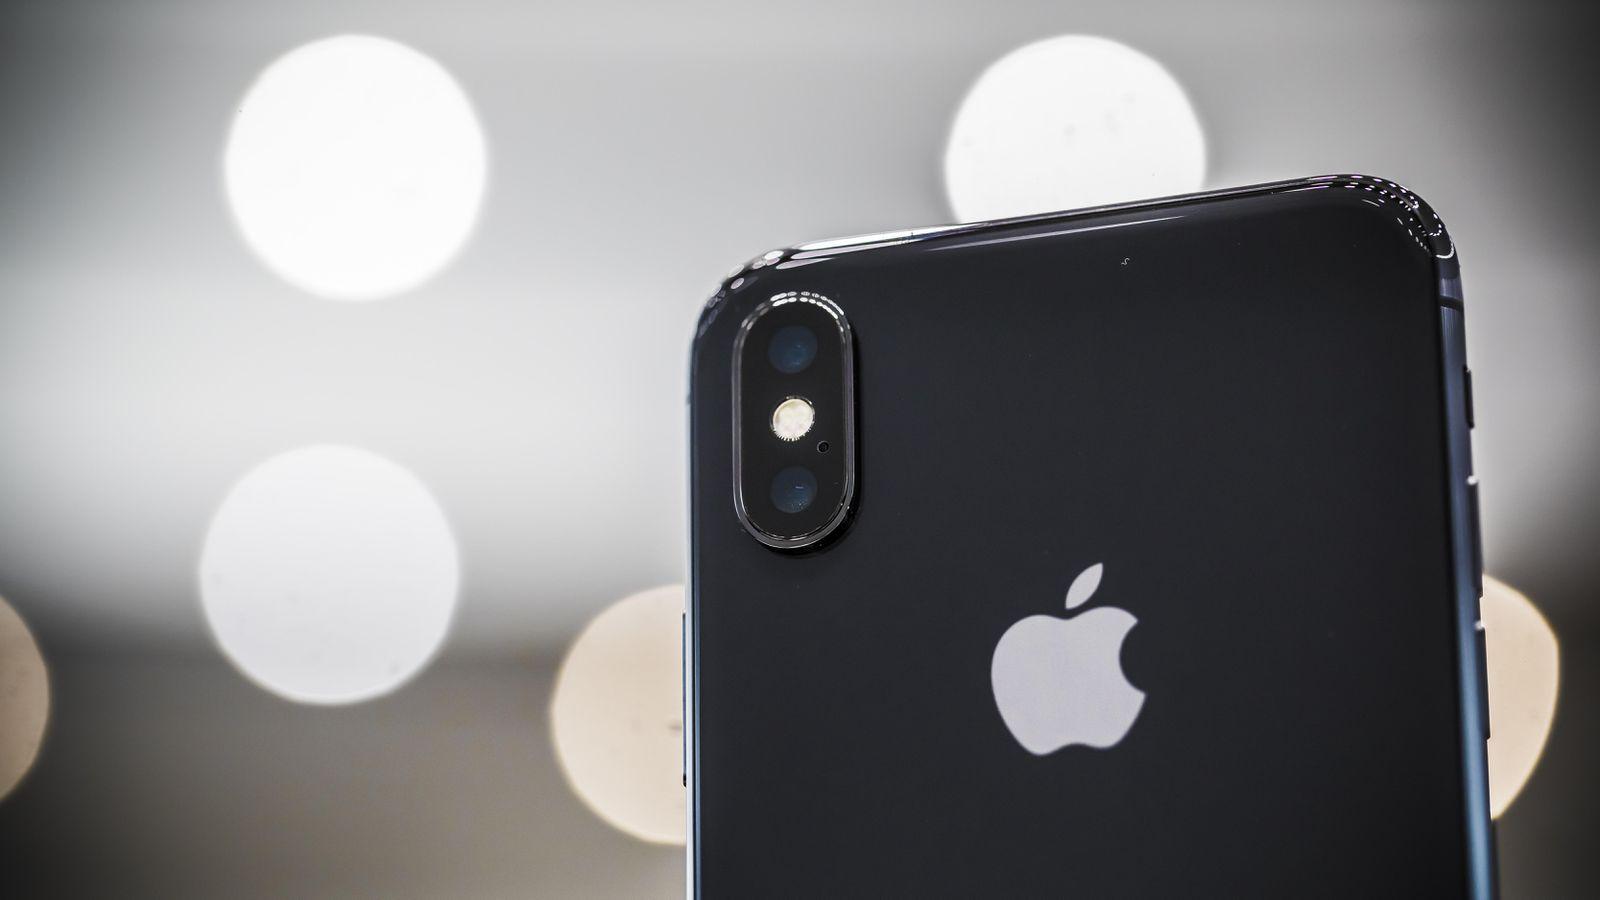 Tim-Cook-le-PDG-d-Apple-repond-aux-rumeurs-concernant-le-nombre-d-iPhone-x-mis-en-vente